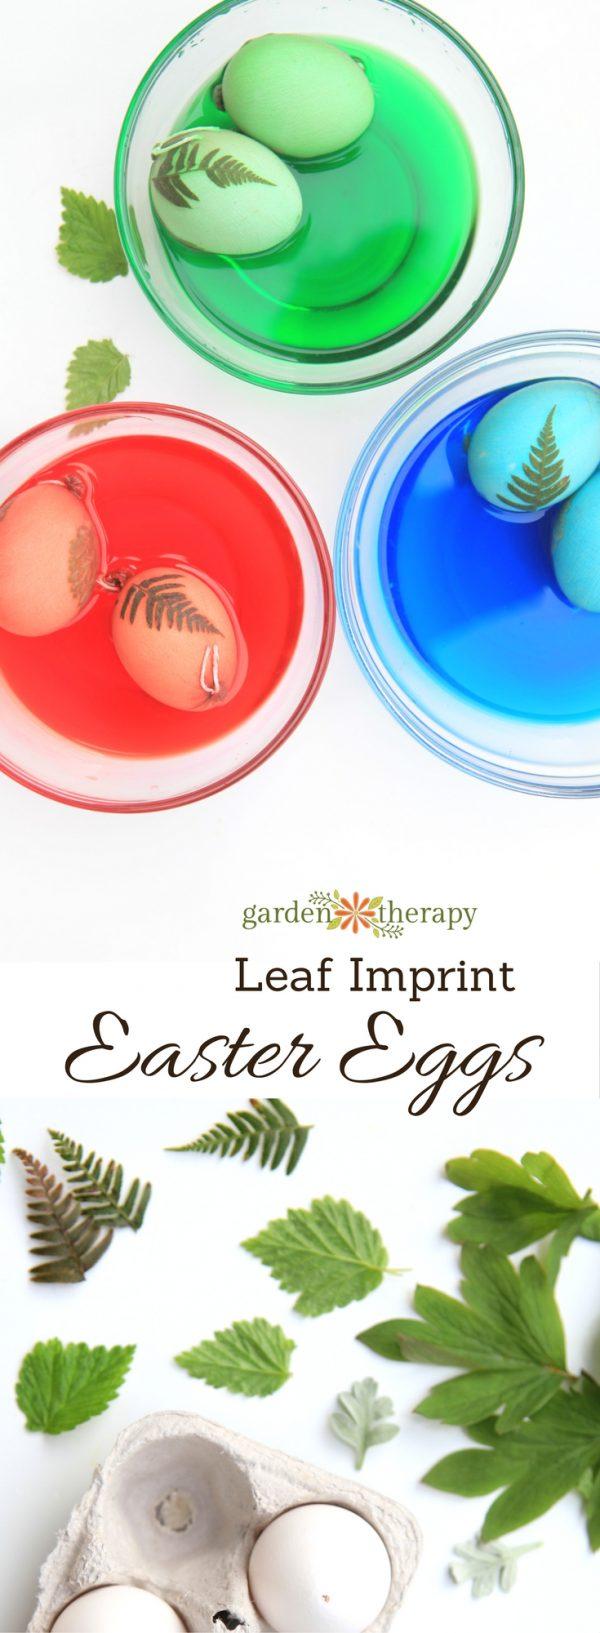 easter-eggs-600x1633.jpg